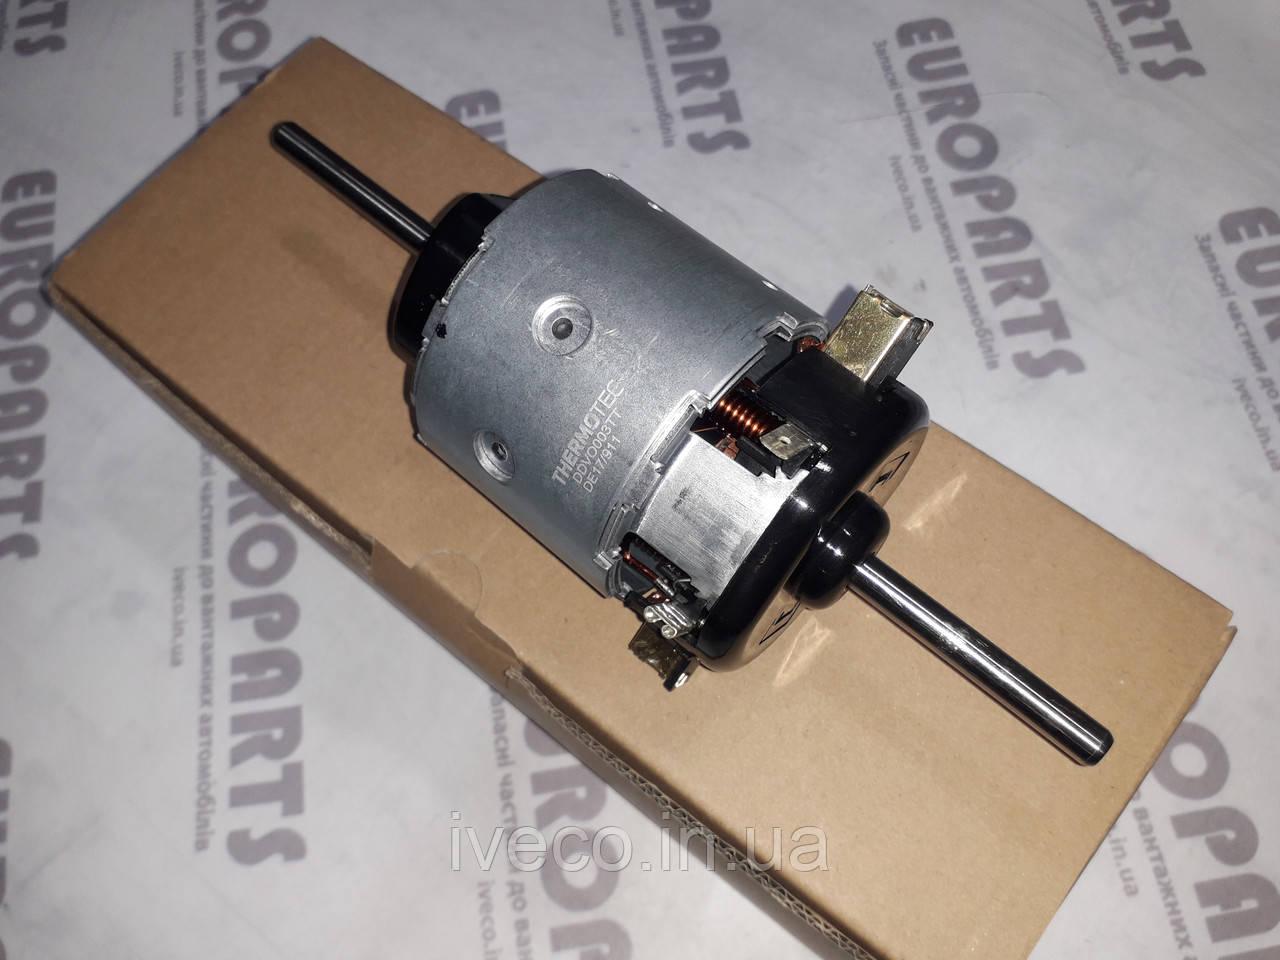 Электродвигатель отопителя Volvo FH12 FM12 24V 0130111130 3090909 моторчик печки Вольво